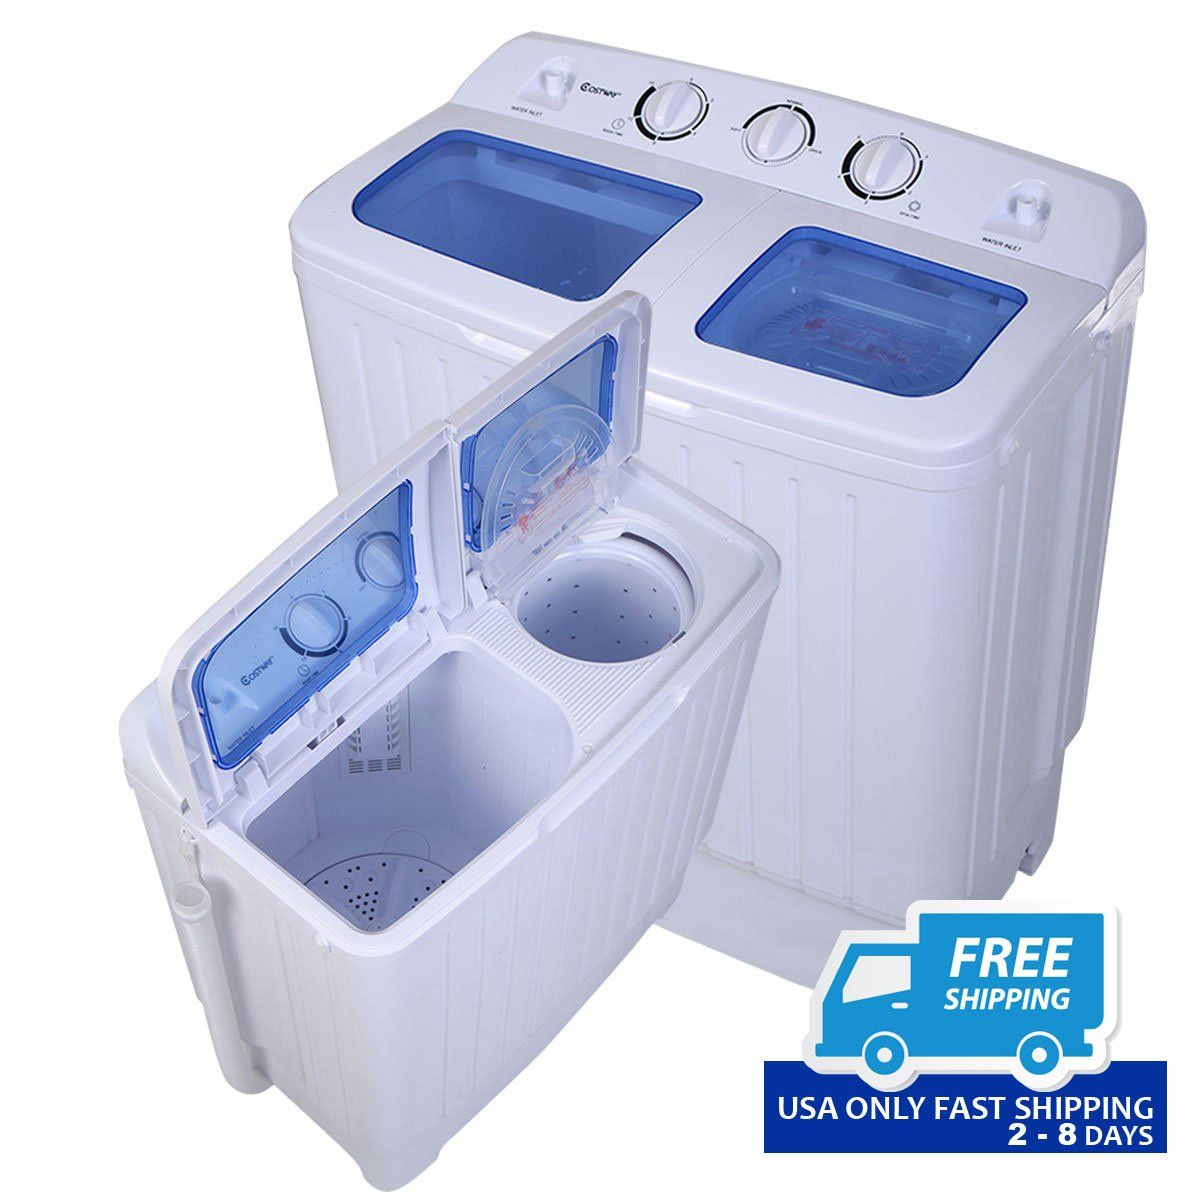 11 Lbs Compact Twin Tub Washing Machine Washer Spin Dryer Mini